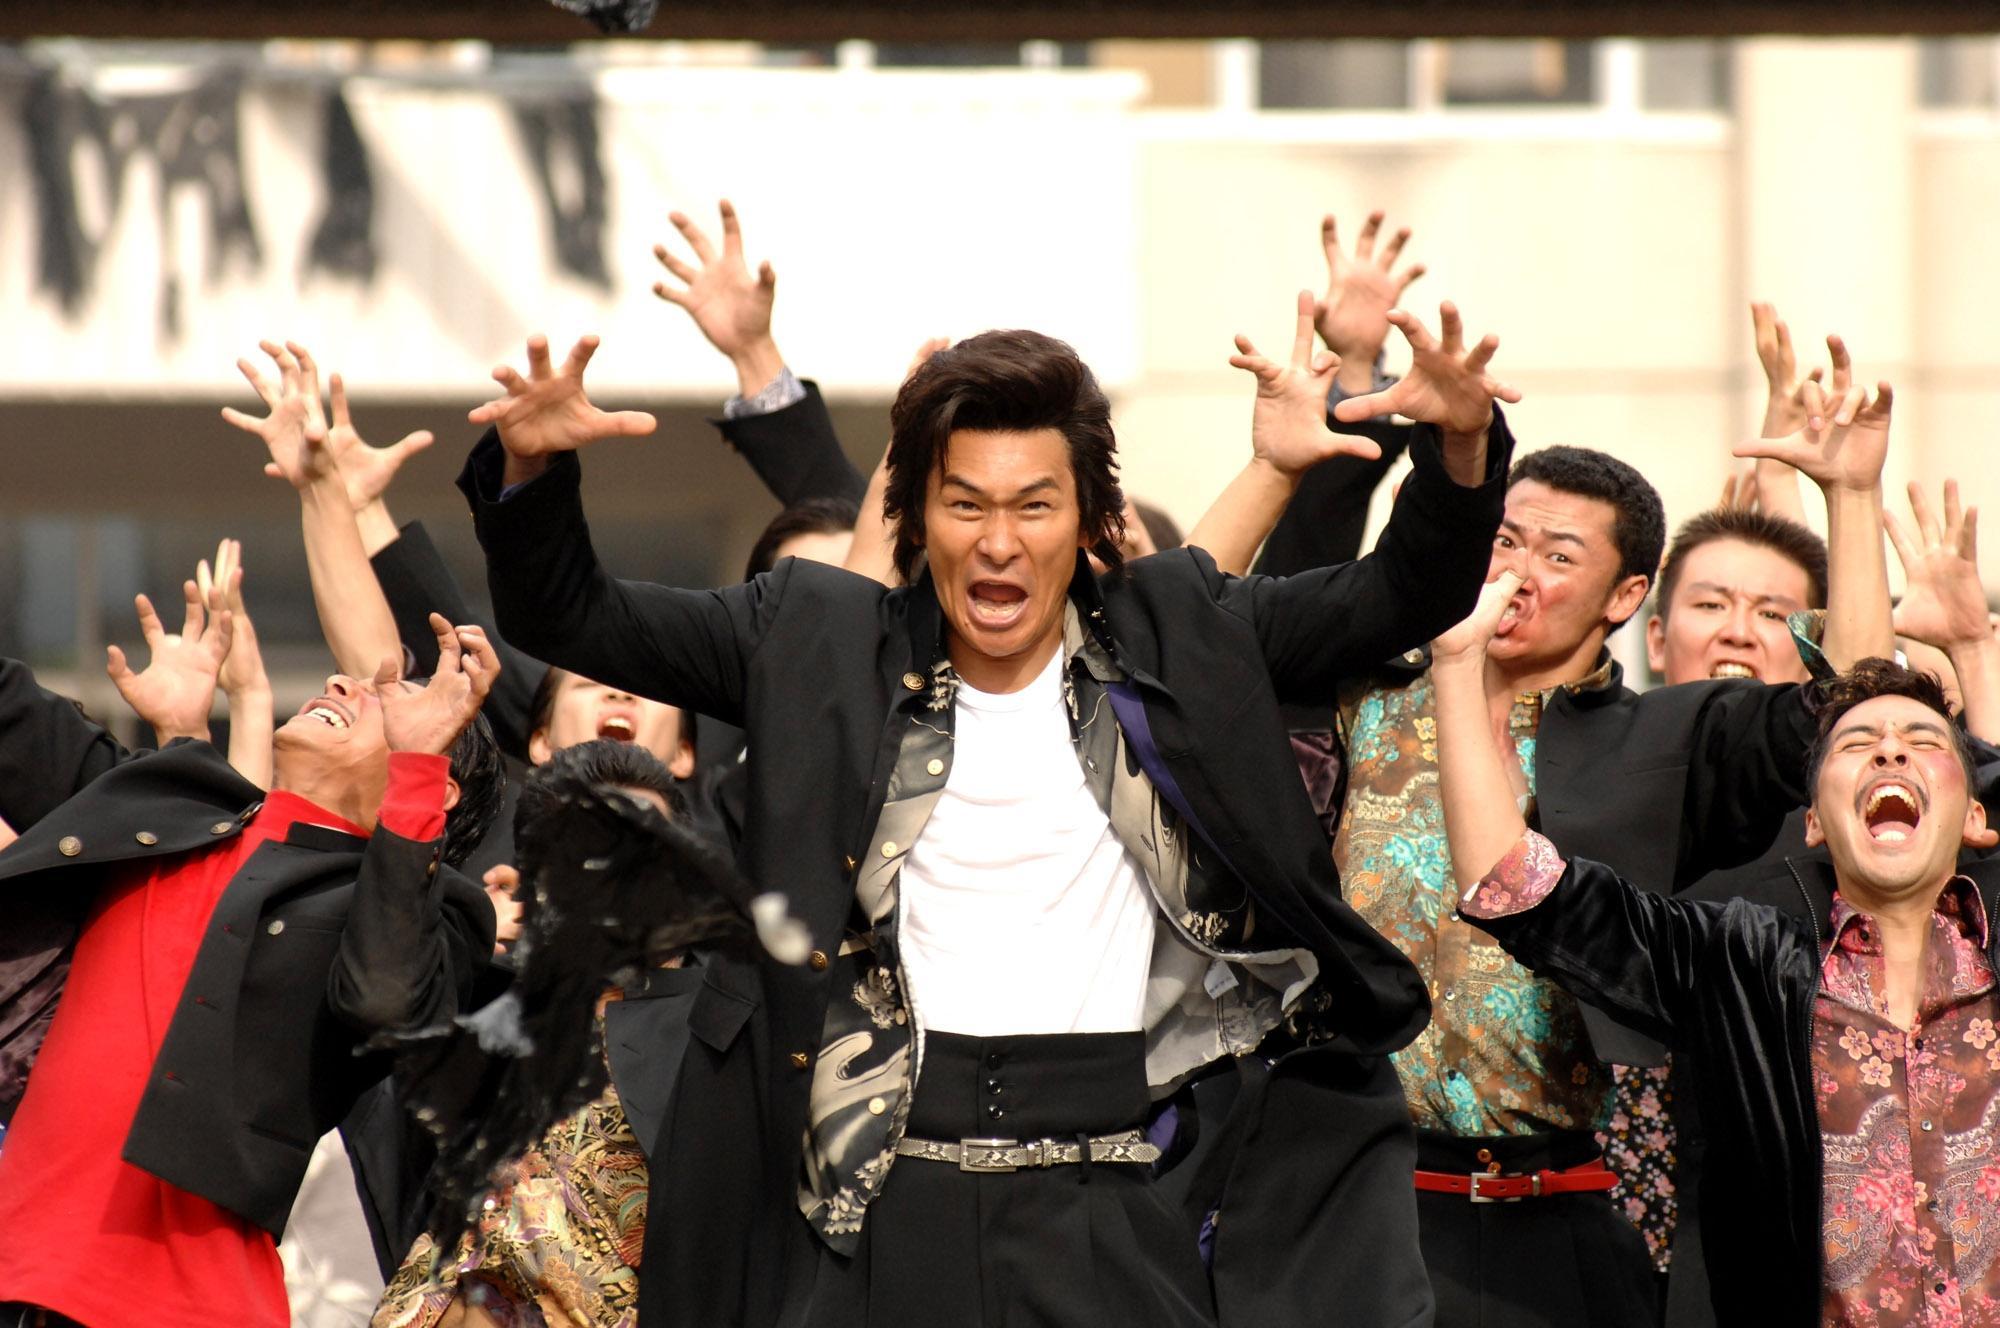 48歳・伊原剛志、学ラン姿で高校生役を熱演&熱唱